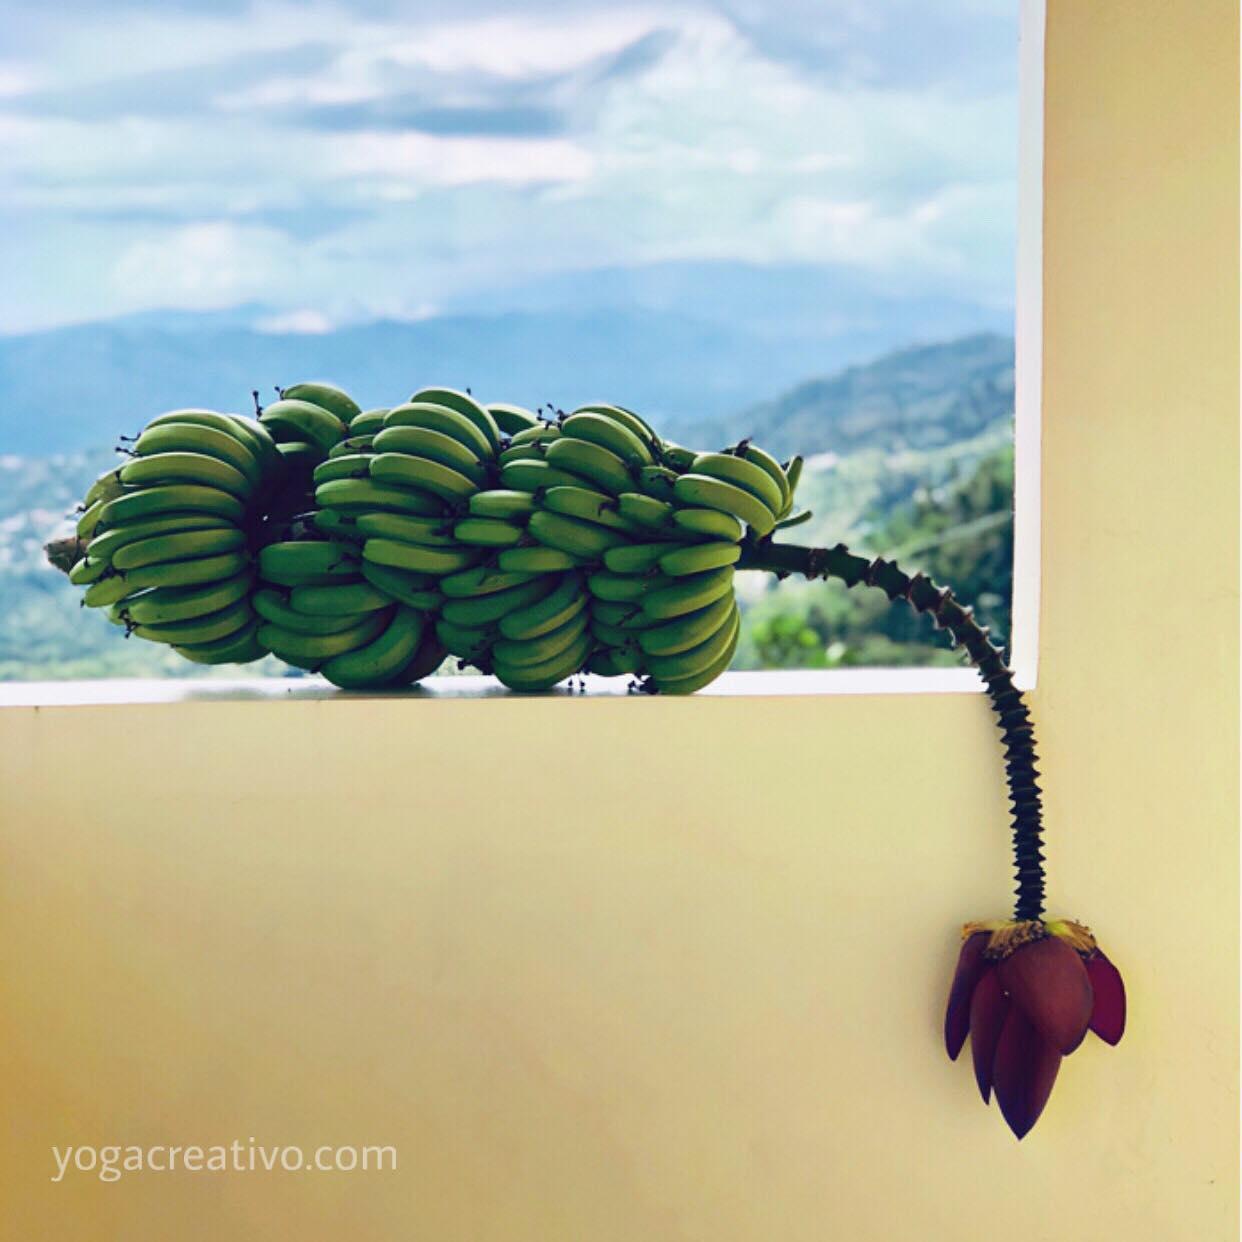 Yoga Aéreo: Descubre una Nueva Experiencia Aérea con AeroYoga® en la Casa de la Ceiba, Puerto Rico